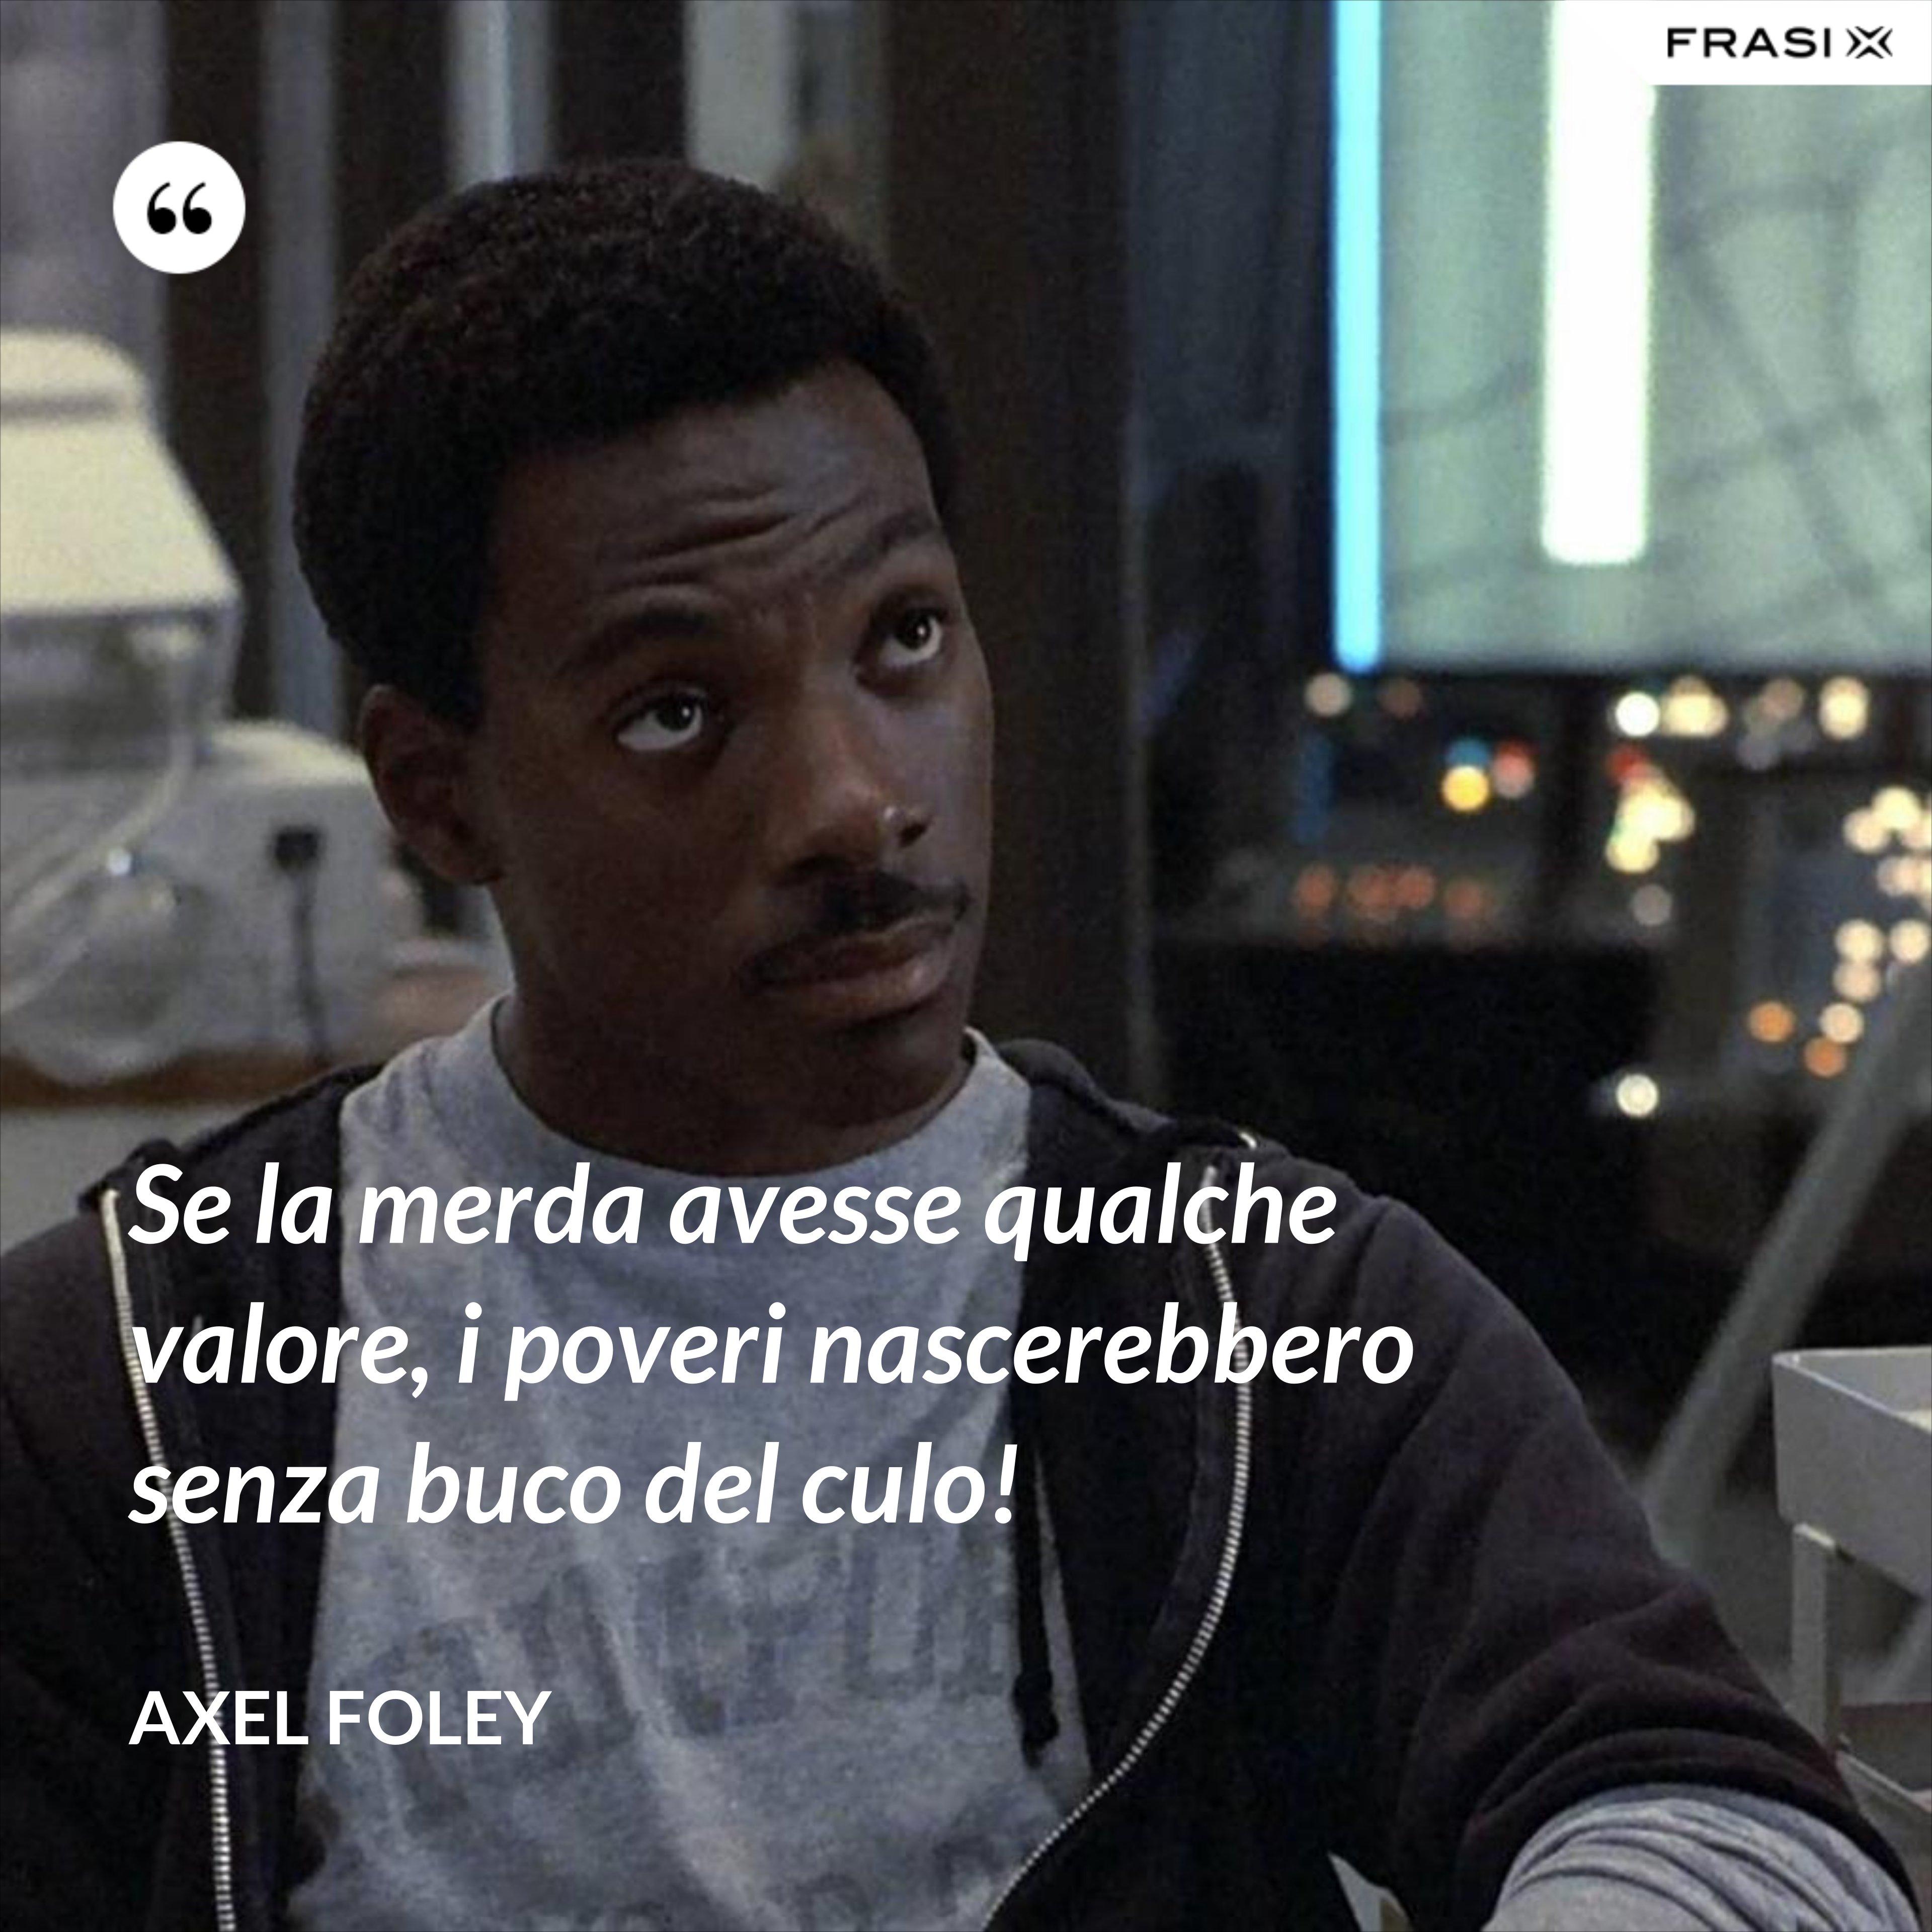 Se la merda avesse qualche valore, i poveri nascerebbero senza buco del culo! - Axel Foley